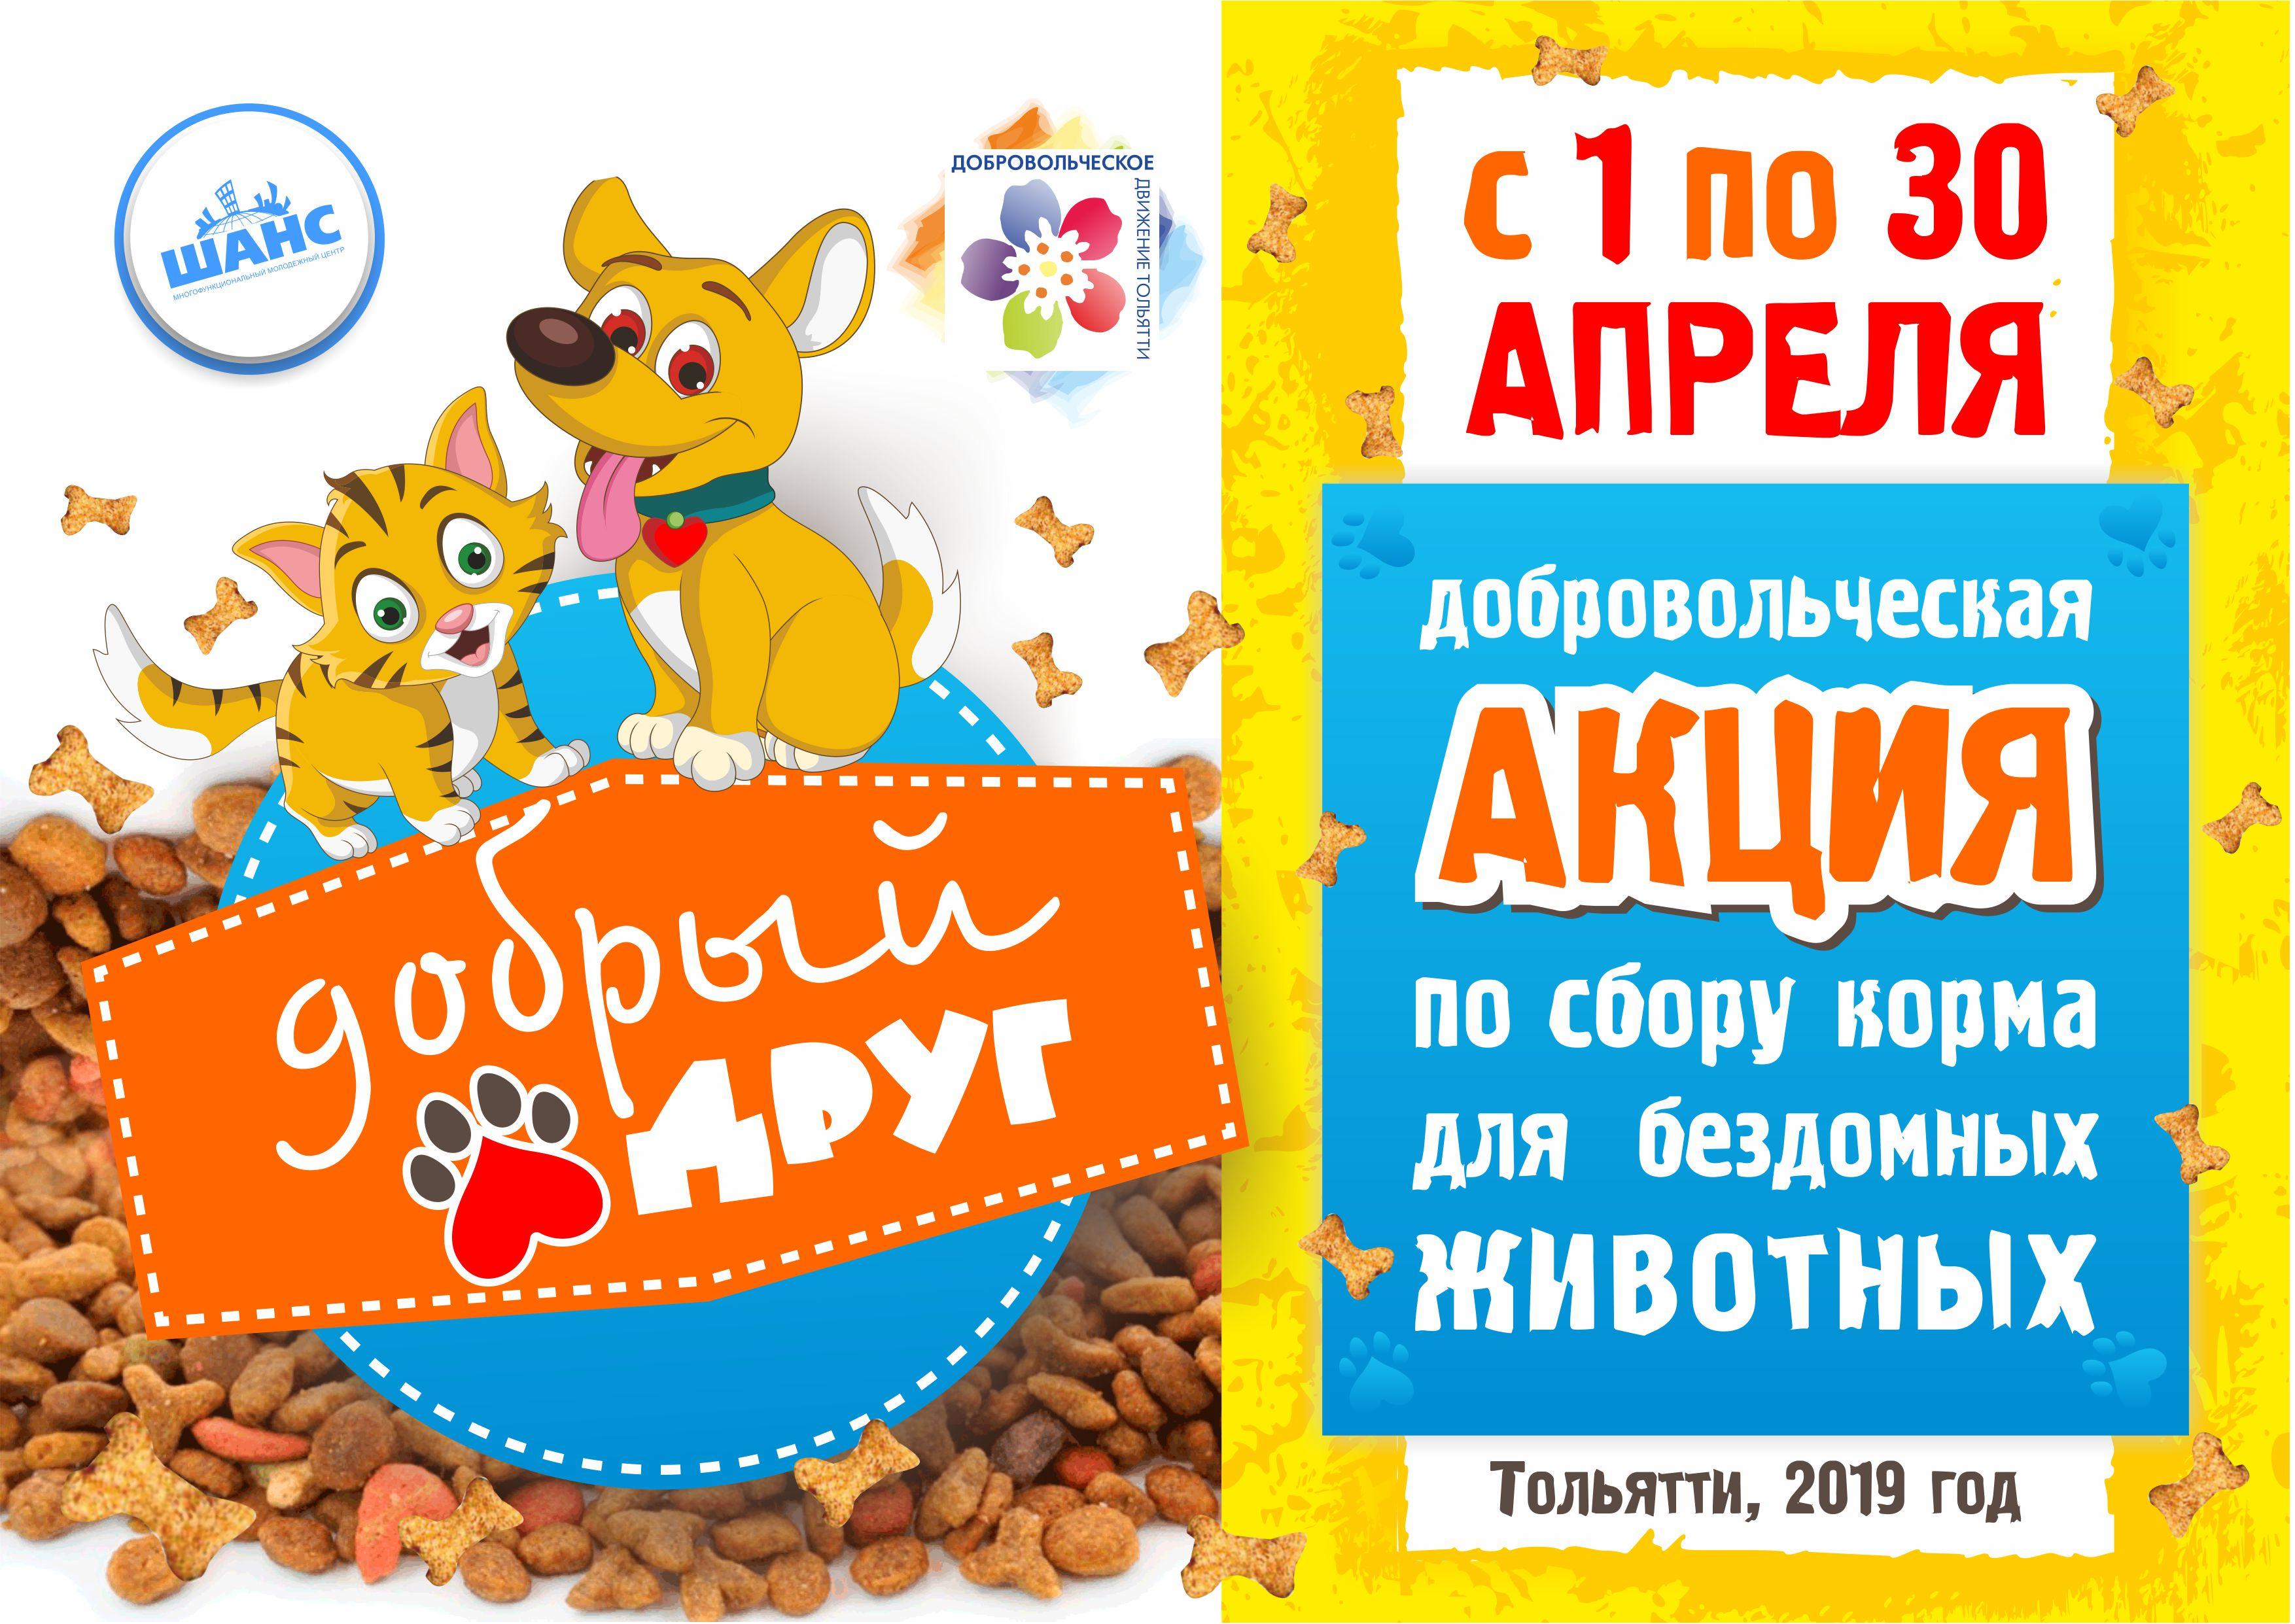 Давай вместе поможем: В Тольятти стартует акция по сбору корма для бездомных животных